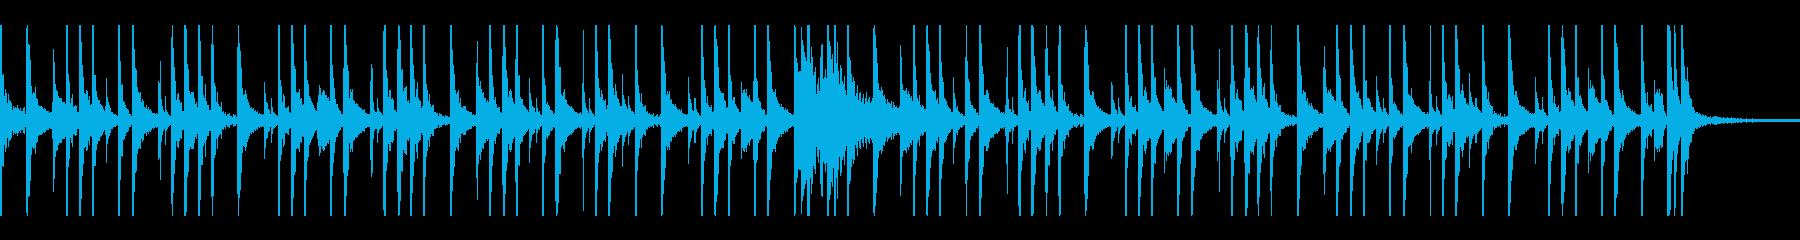 軽快なドラムソロの再生済みの波形